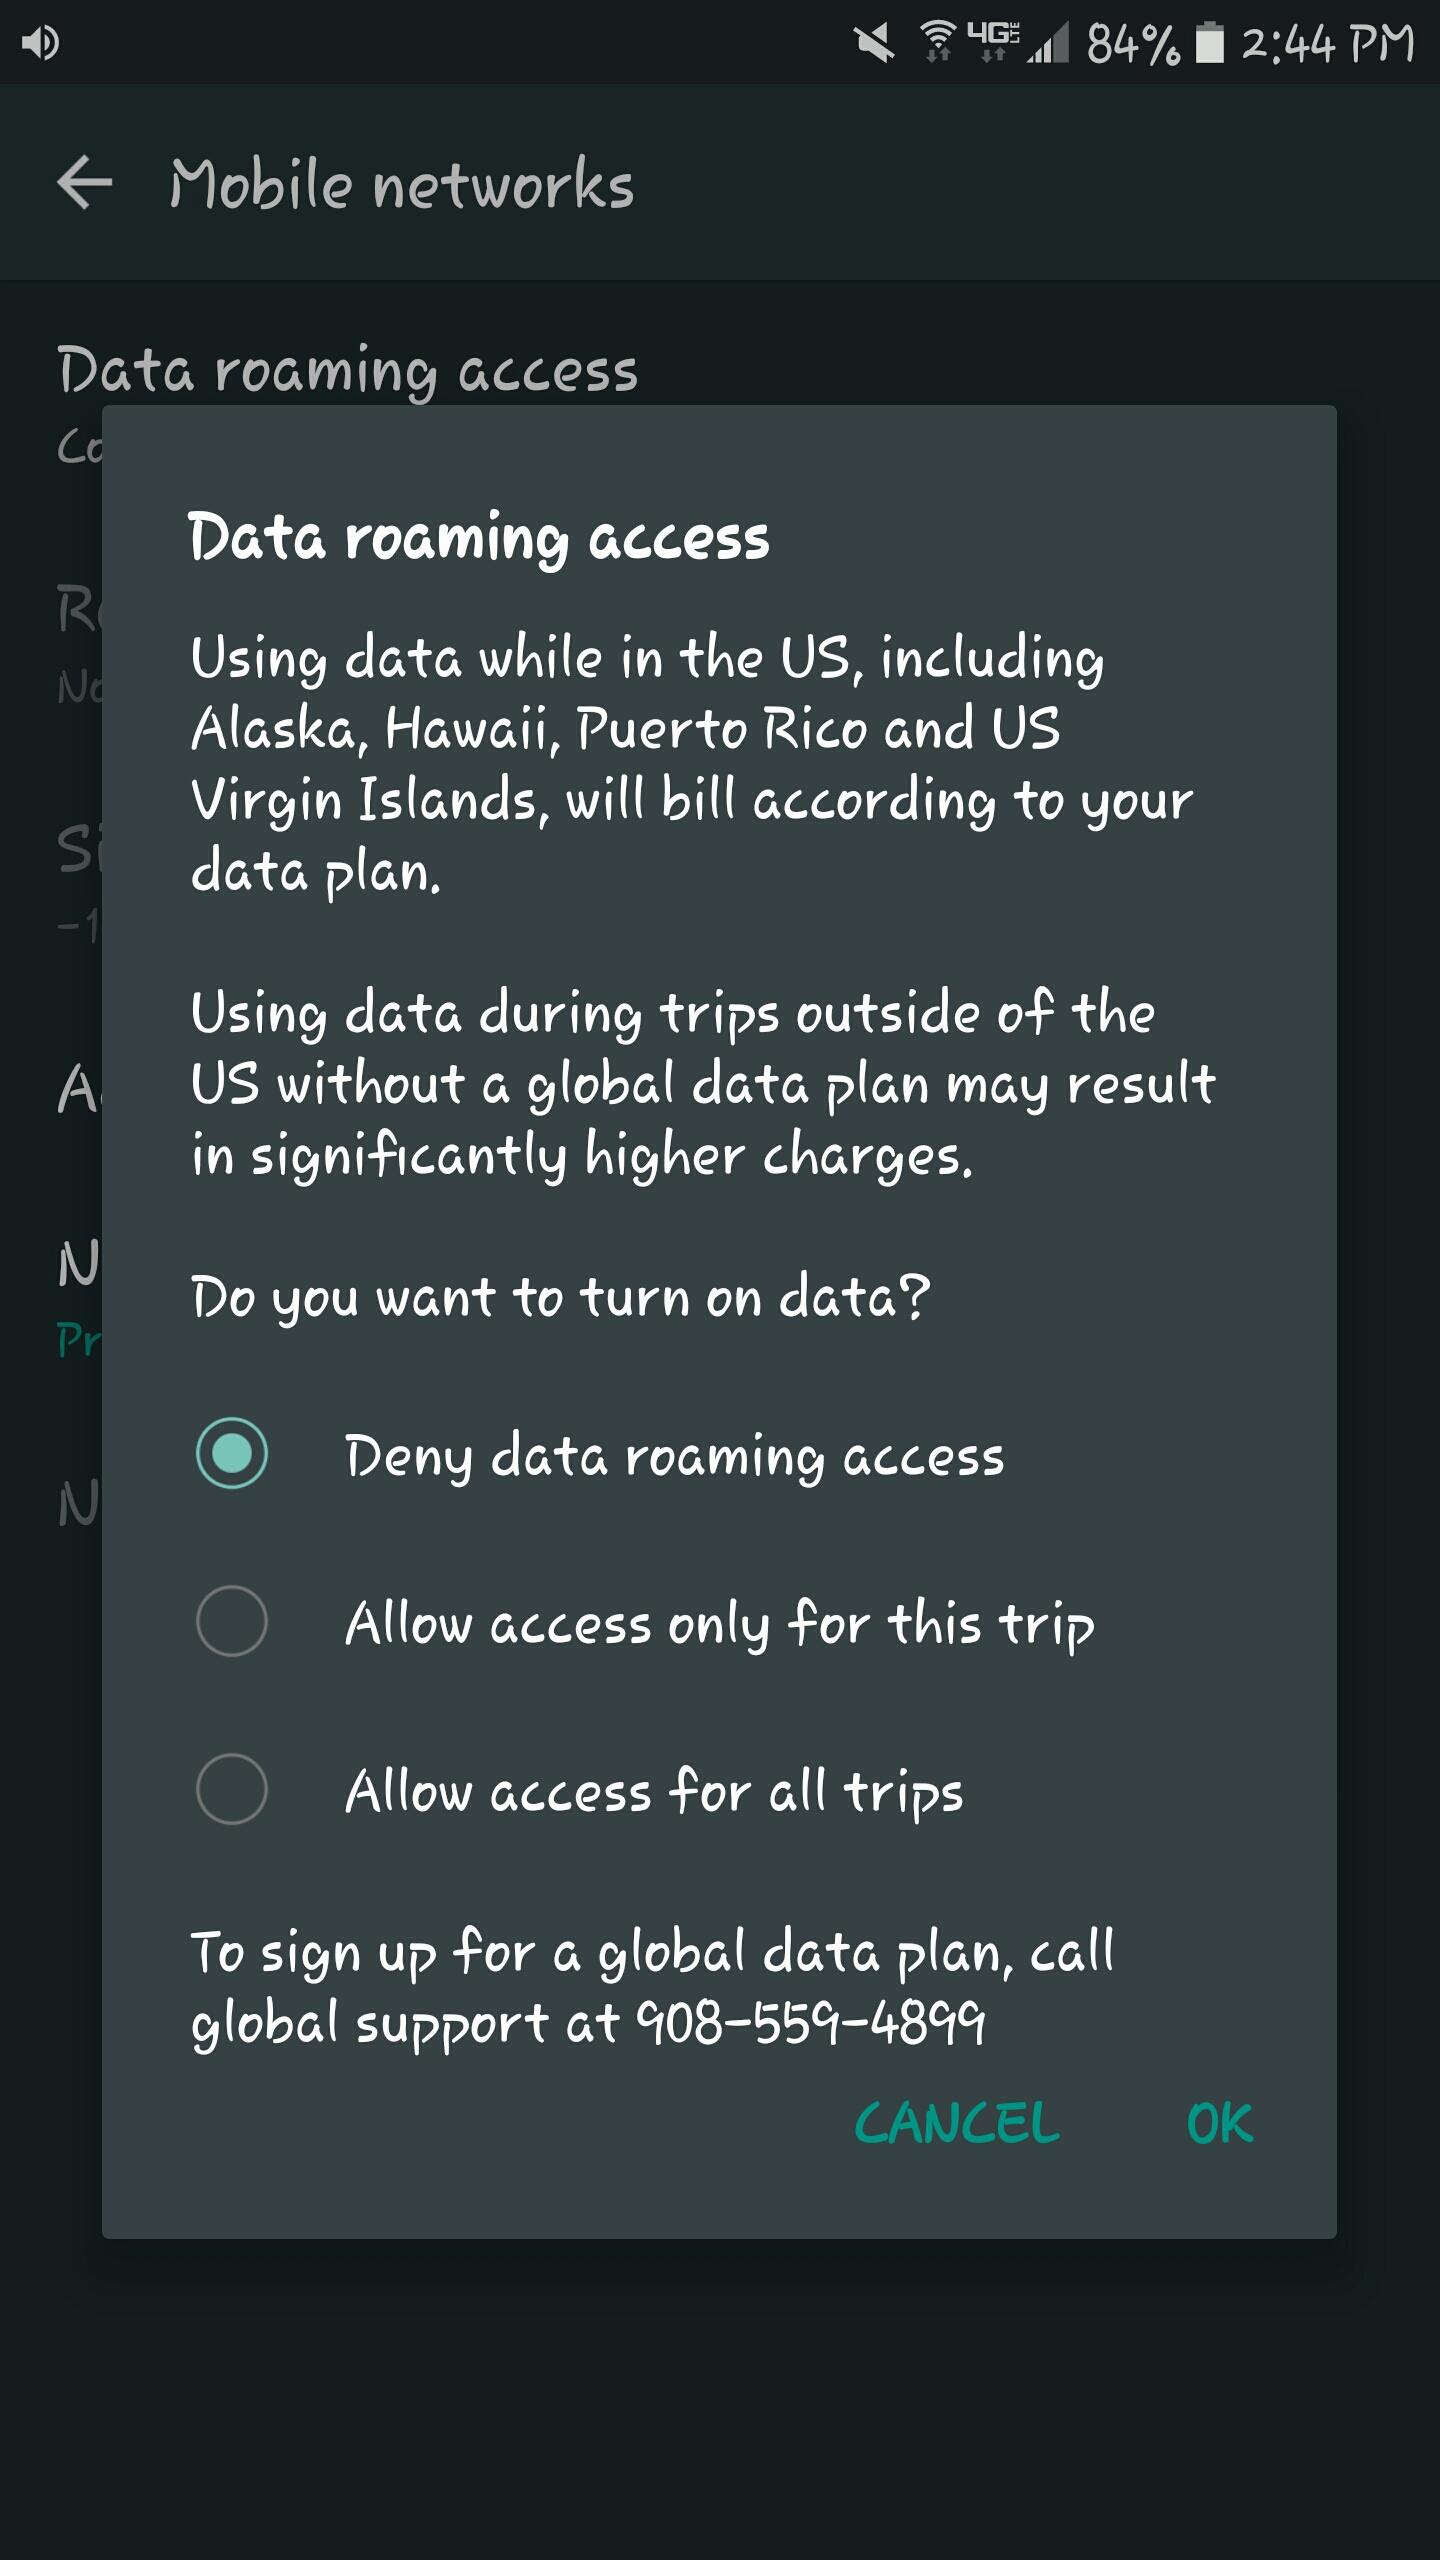 data roaming access screen